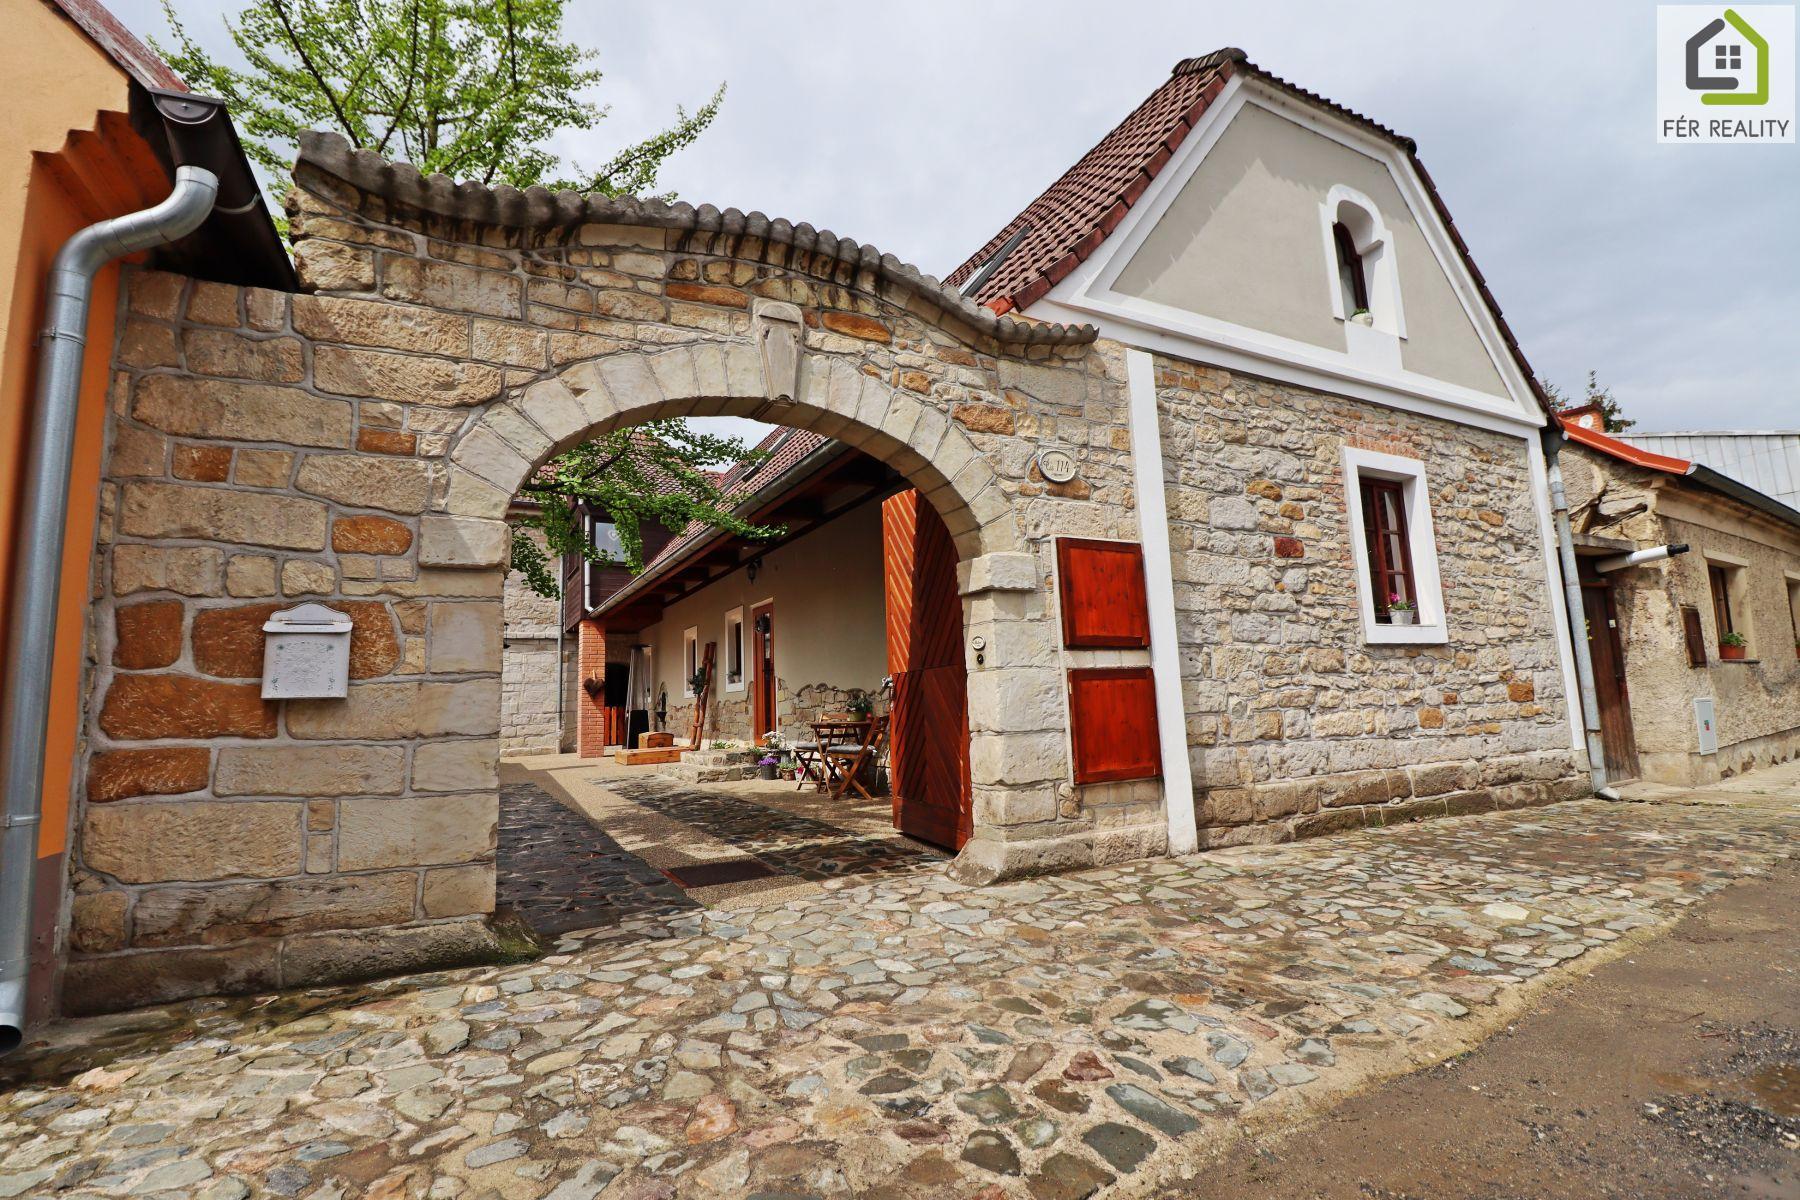 prodej rodinného domu 169 m2,  pozemek 264 m2